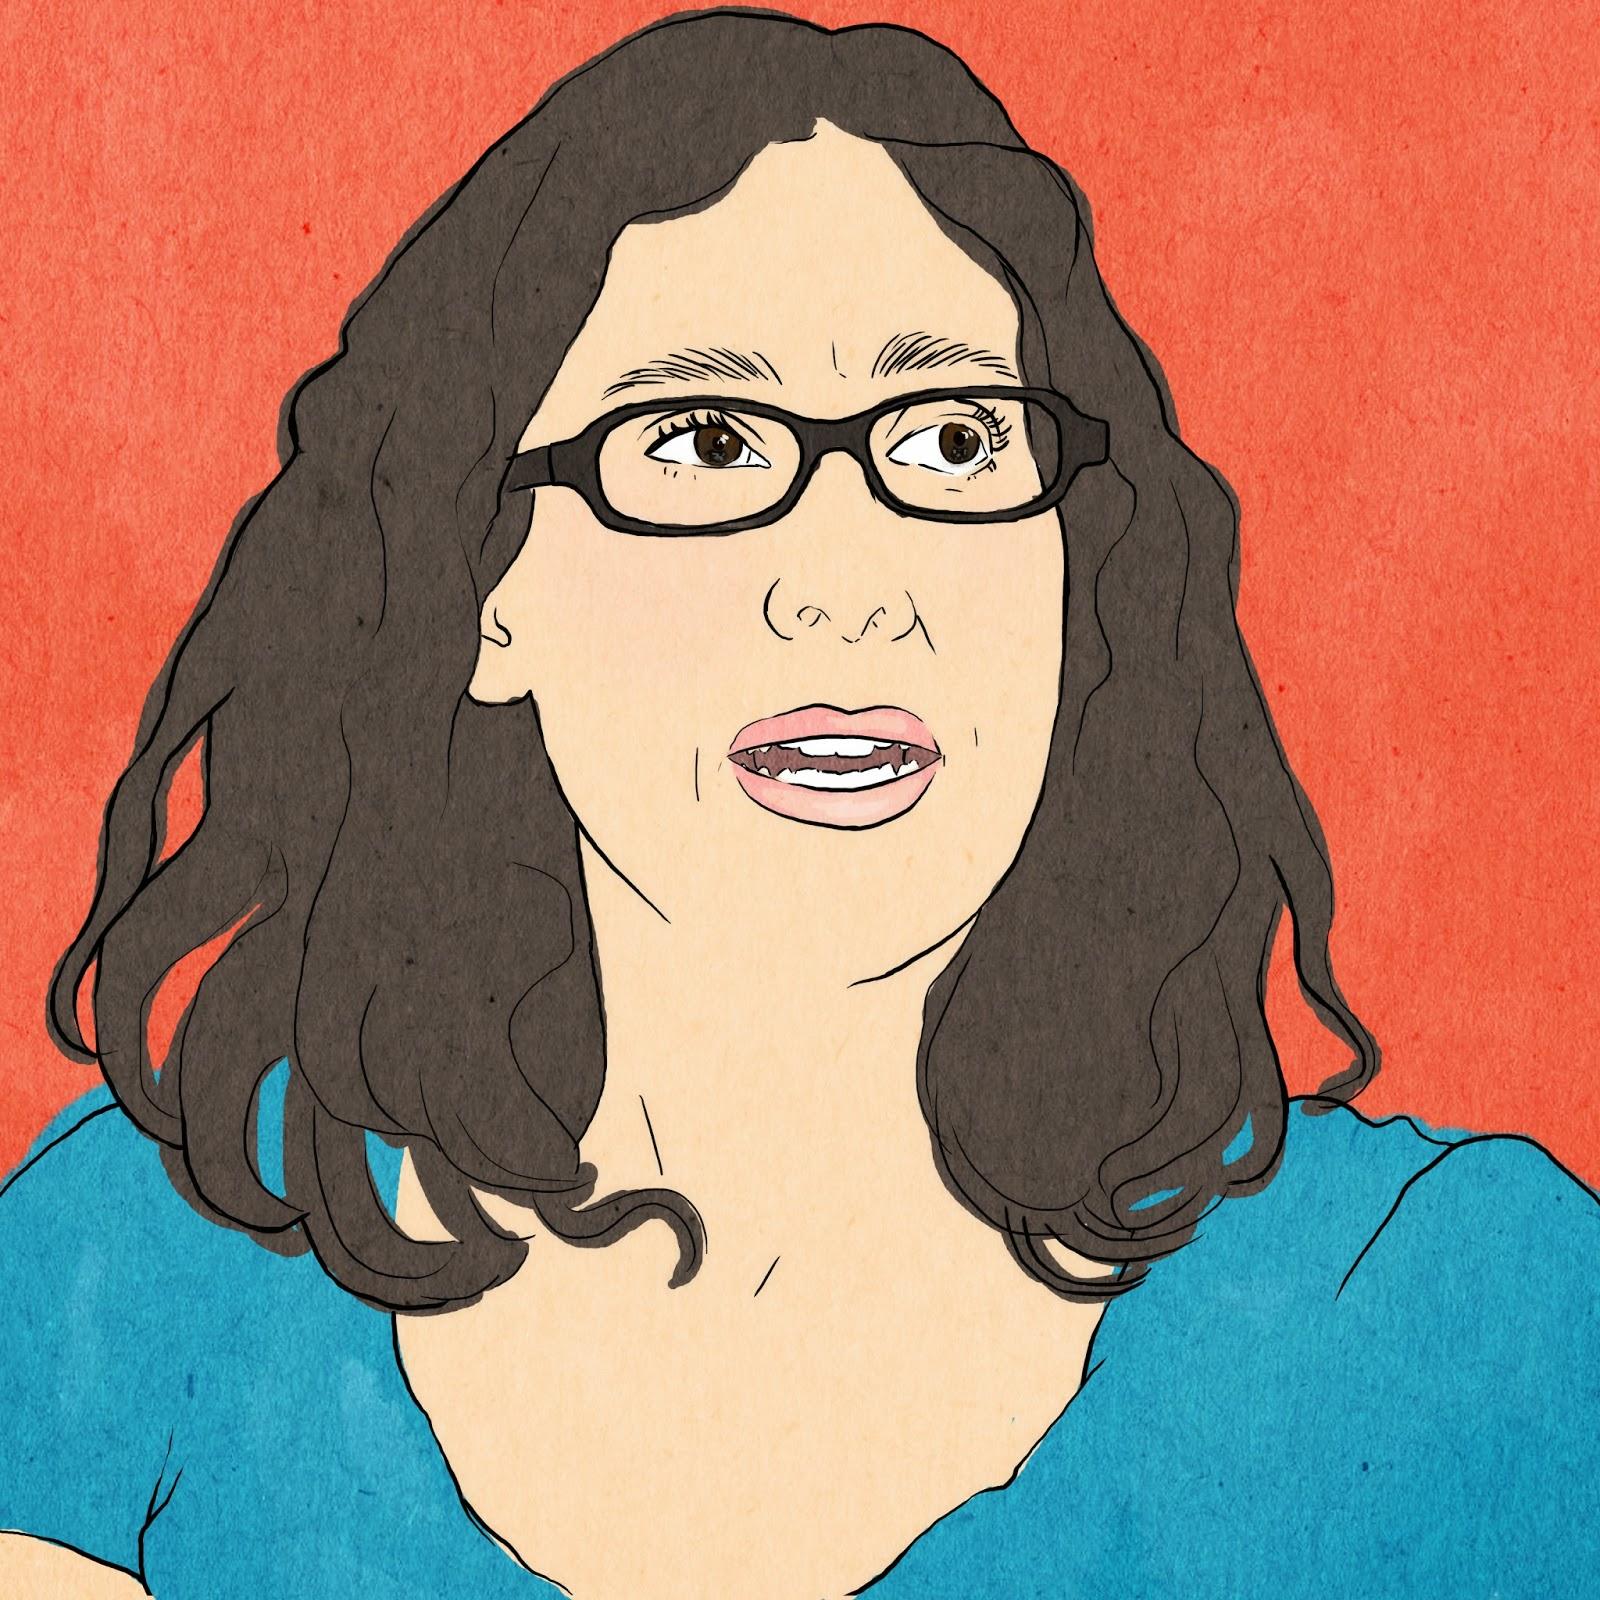 sarah-koenig-serial, serial-podcast, sarah-koenig-face, sarah-koenig-portrait, sarah-koenig-npr